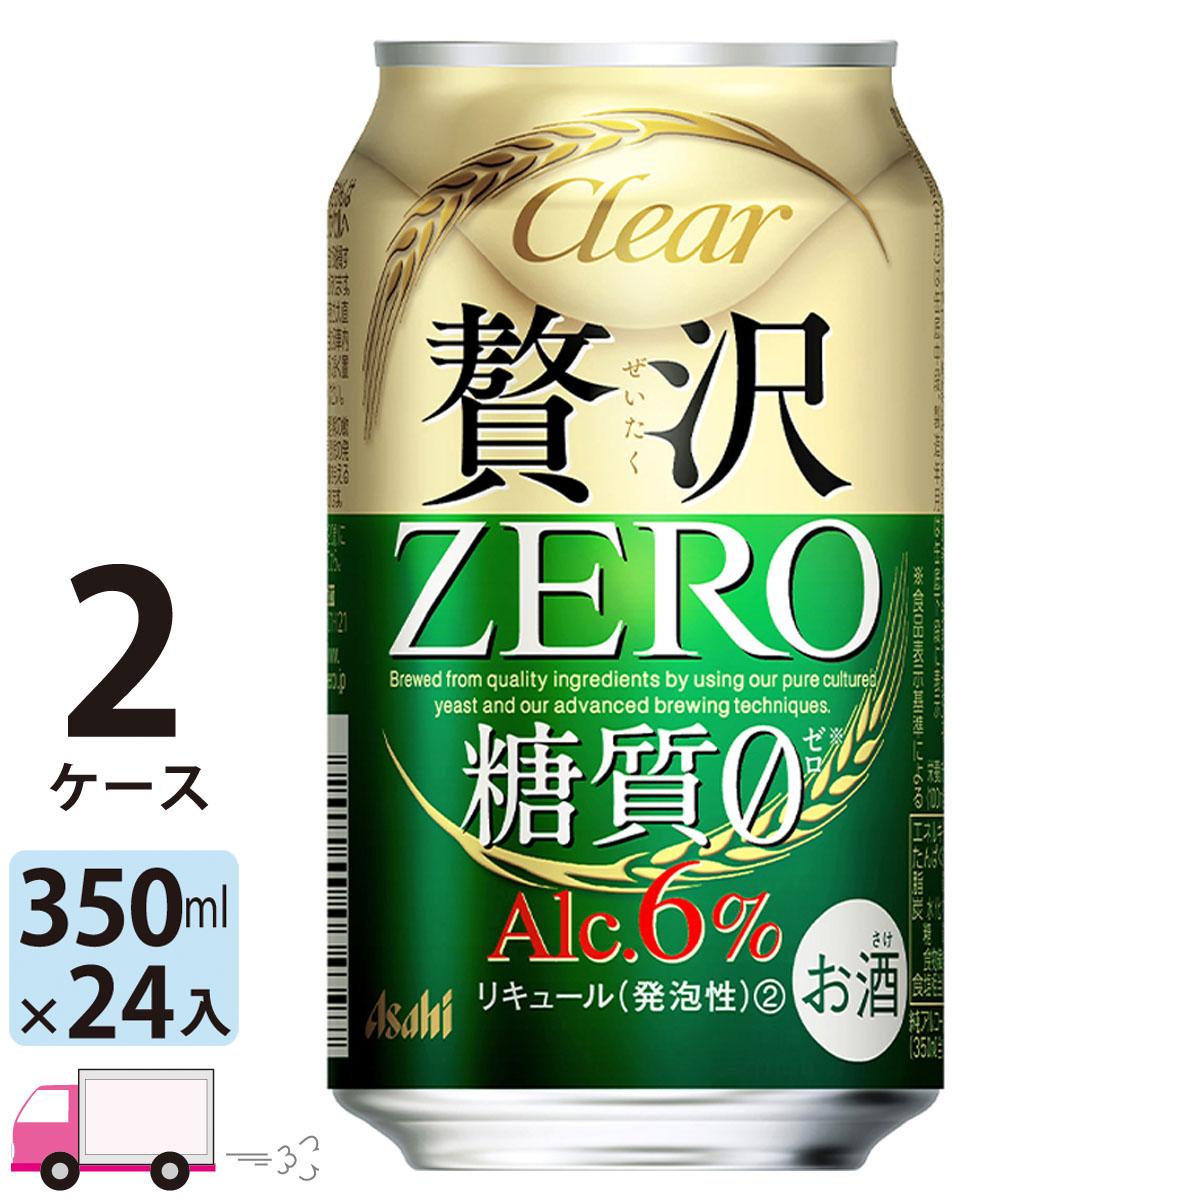 麦36倍の贅沢な味わいが楽しめるアルコール6%の糖質ゼロです。 送料無料 アサヒ ビール クリアアサヒ 贅沢ゼロ 350ml 24缶入 2ケース (48本)